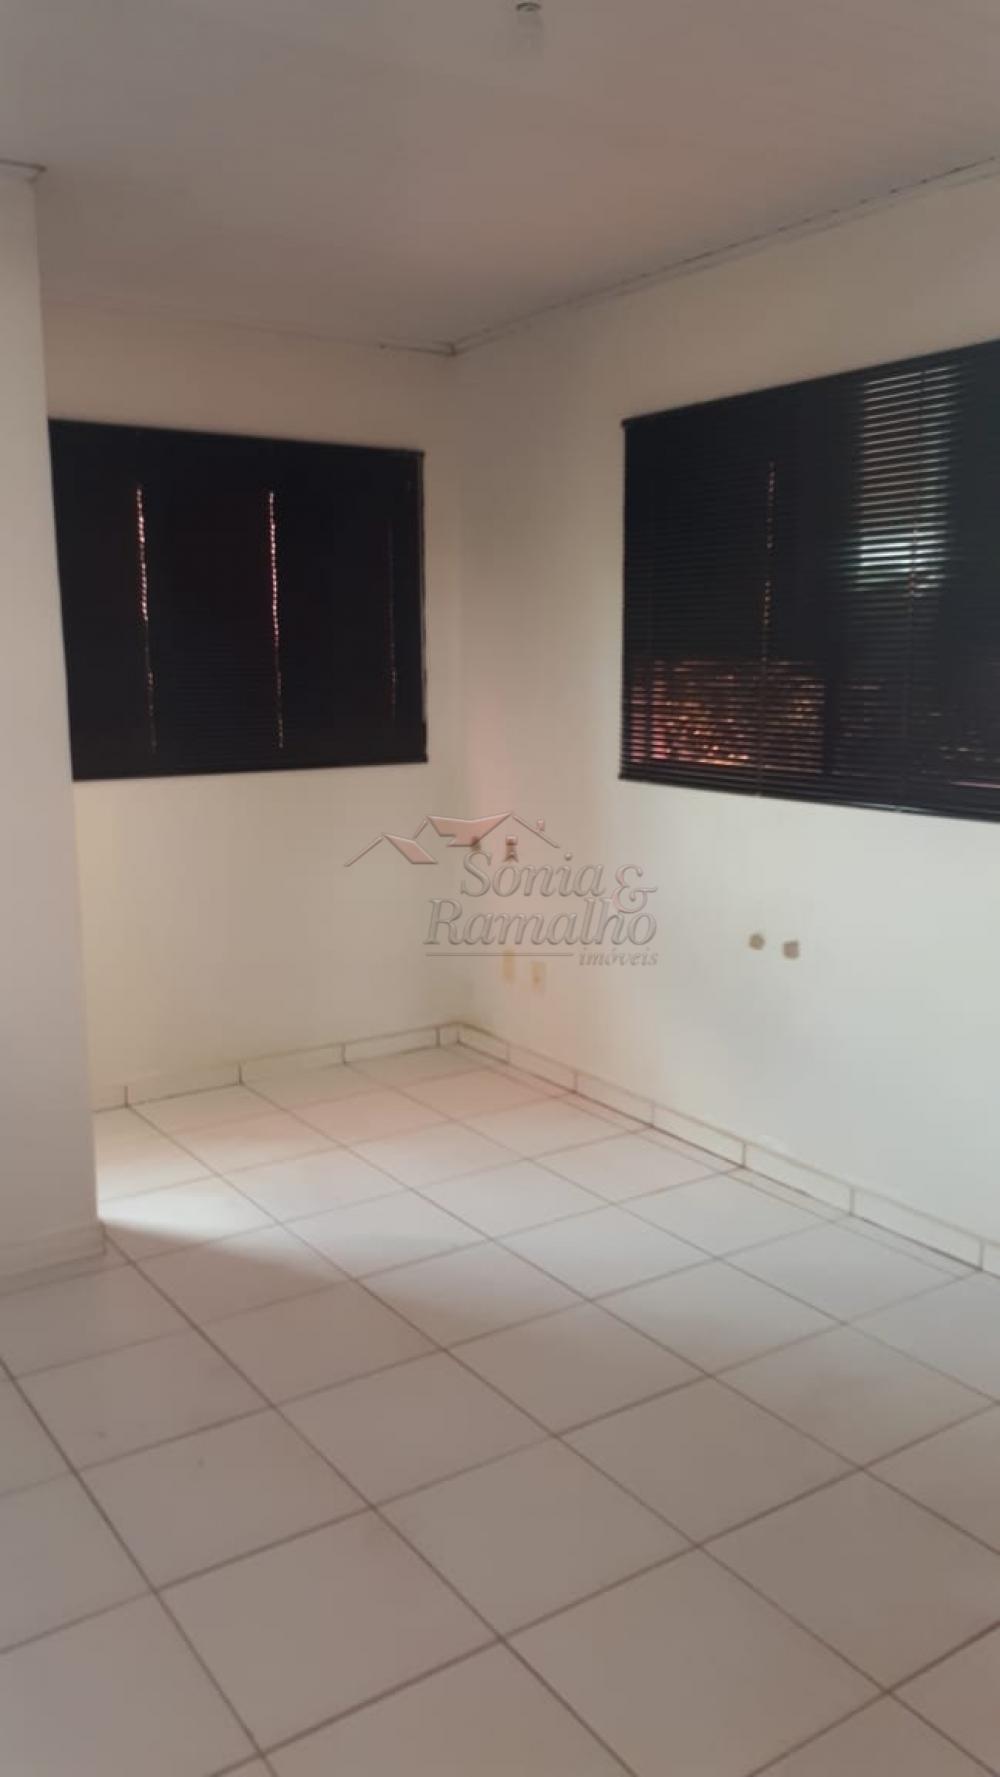 Alugar Comercial / Galpao / Barracao em Ribeirão Preto apenas R$ 5.000,00 - Foto 8